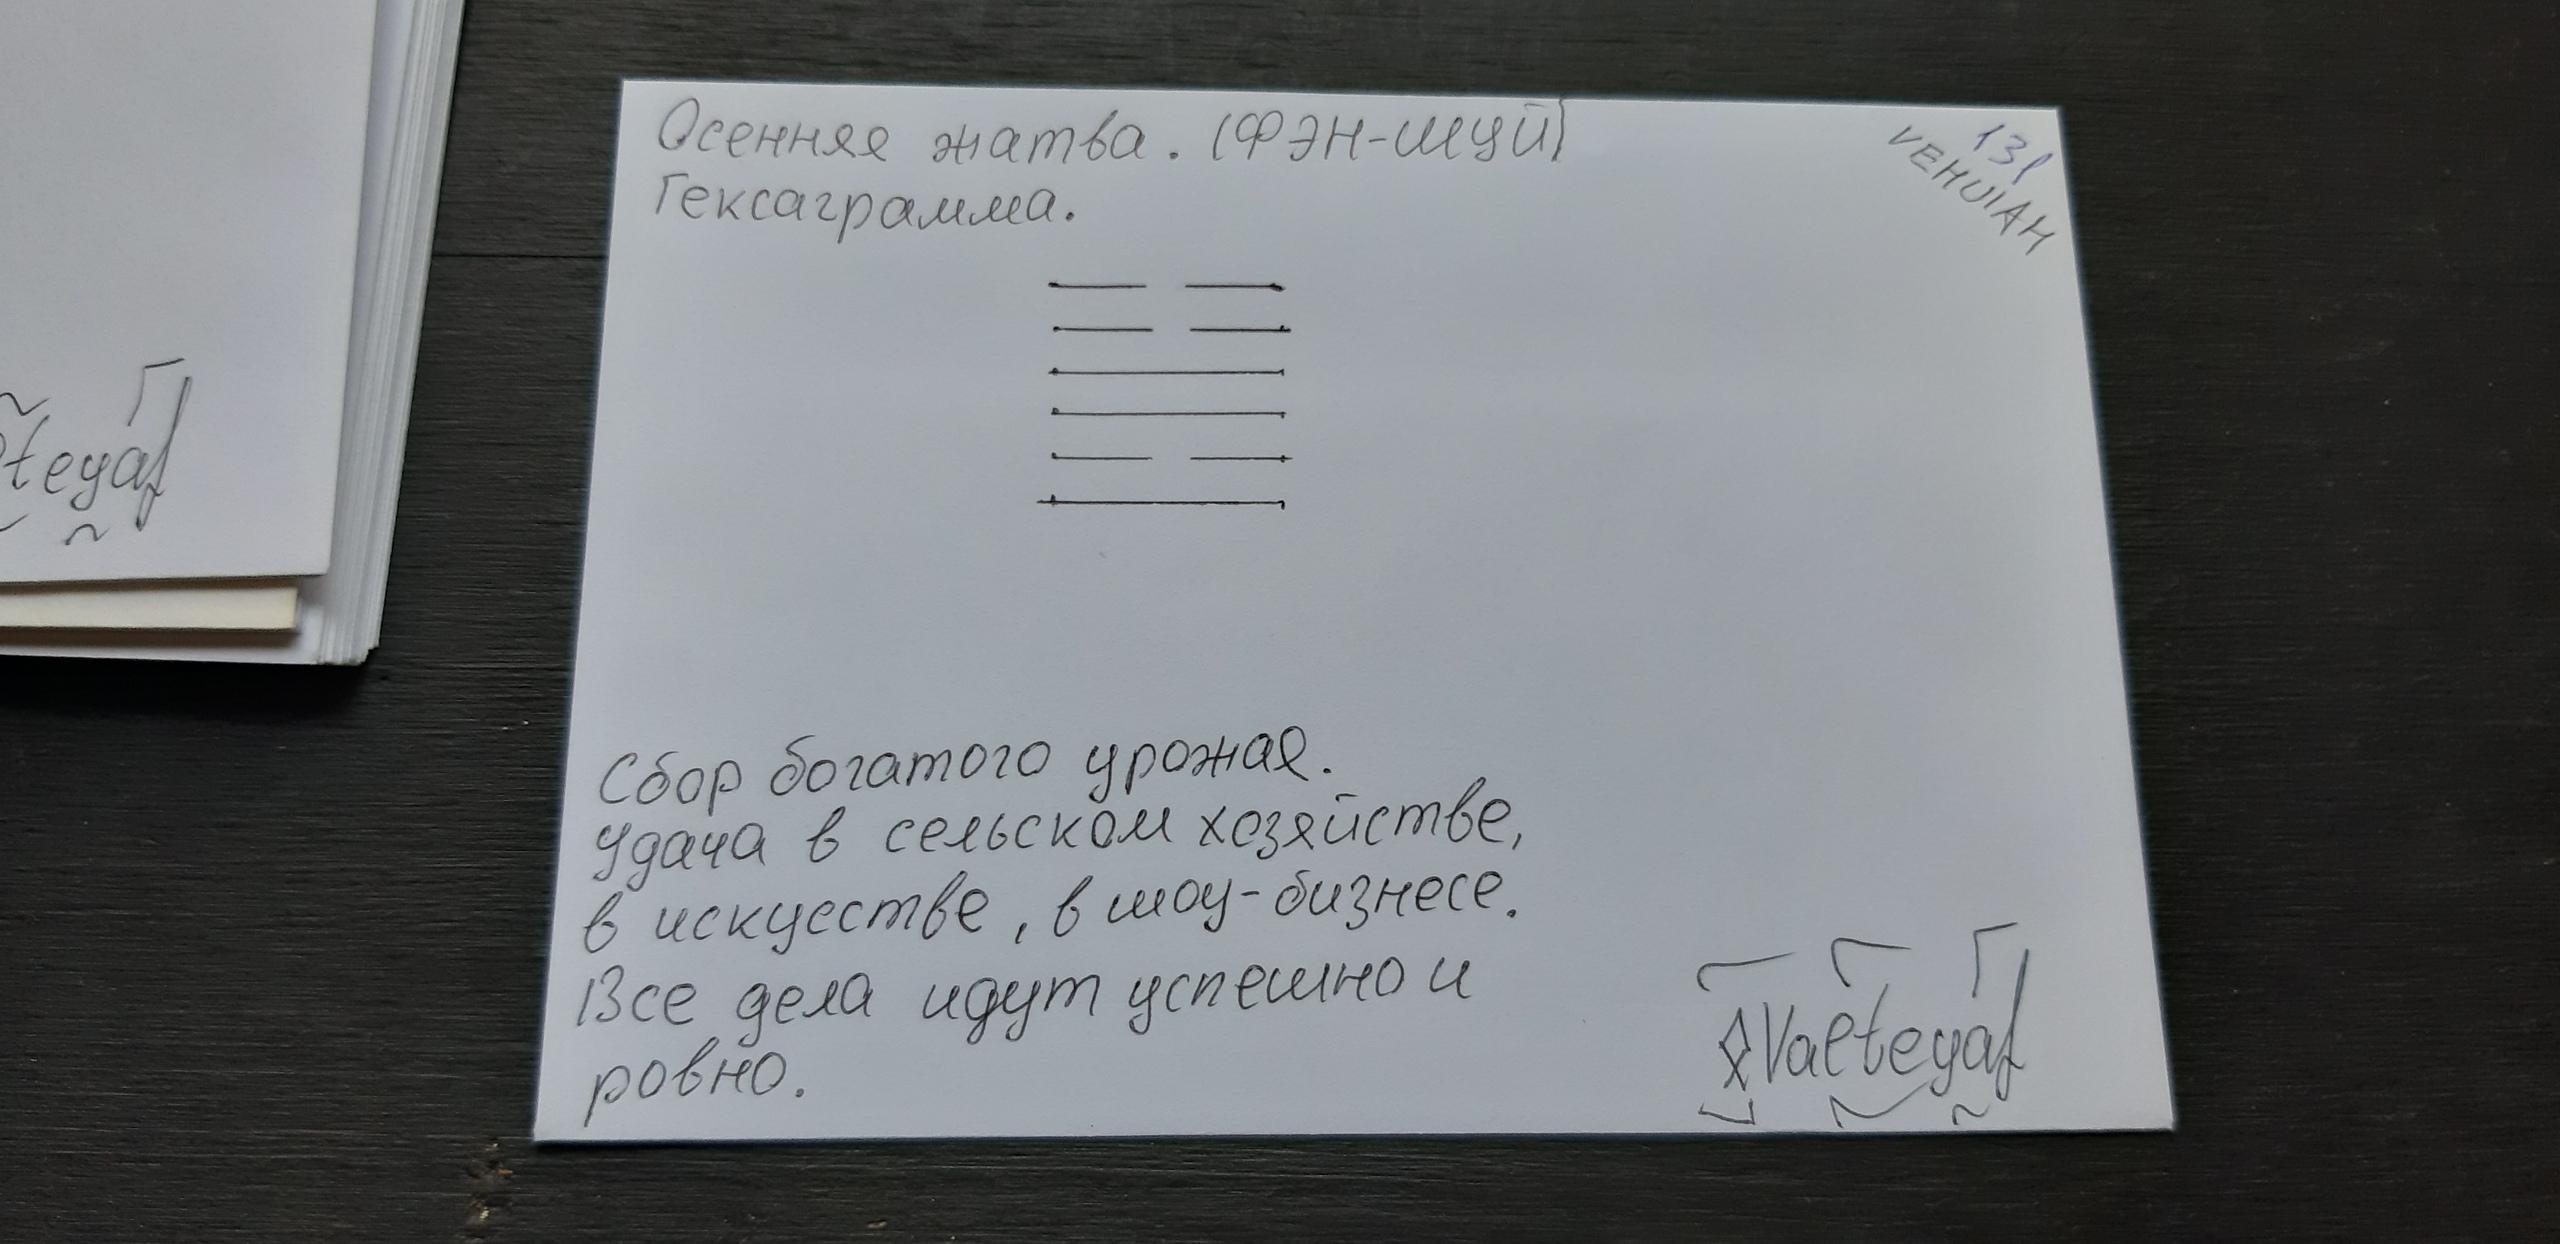 Конверты с магическими программами от Елены Руденко. Ставы, символы, руническая магия.  - Страница 3 OqVZ4TZpRkM